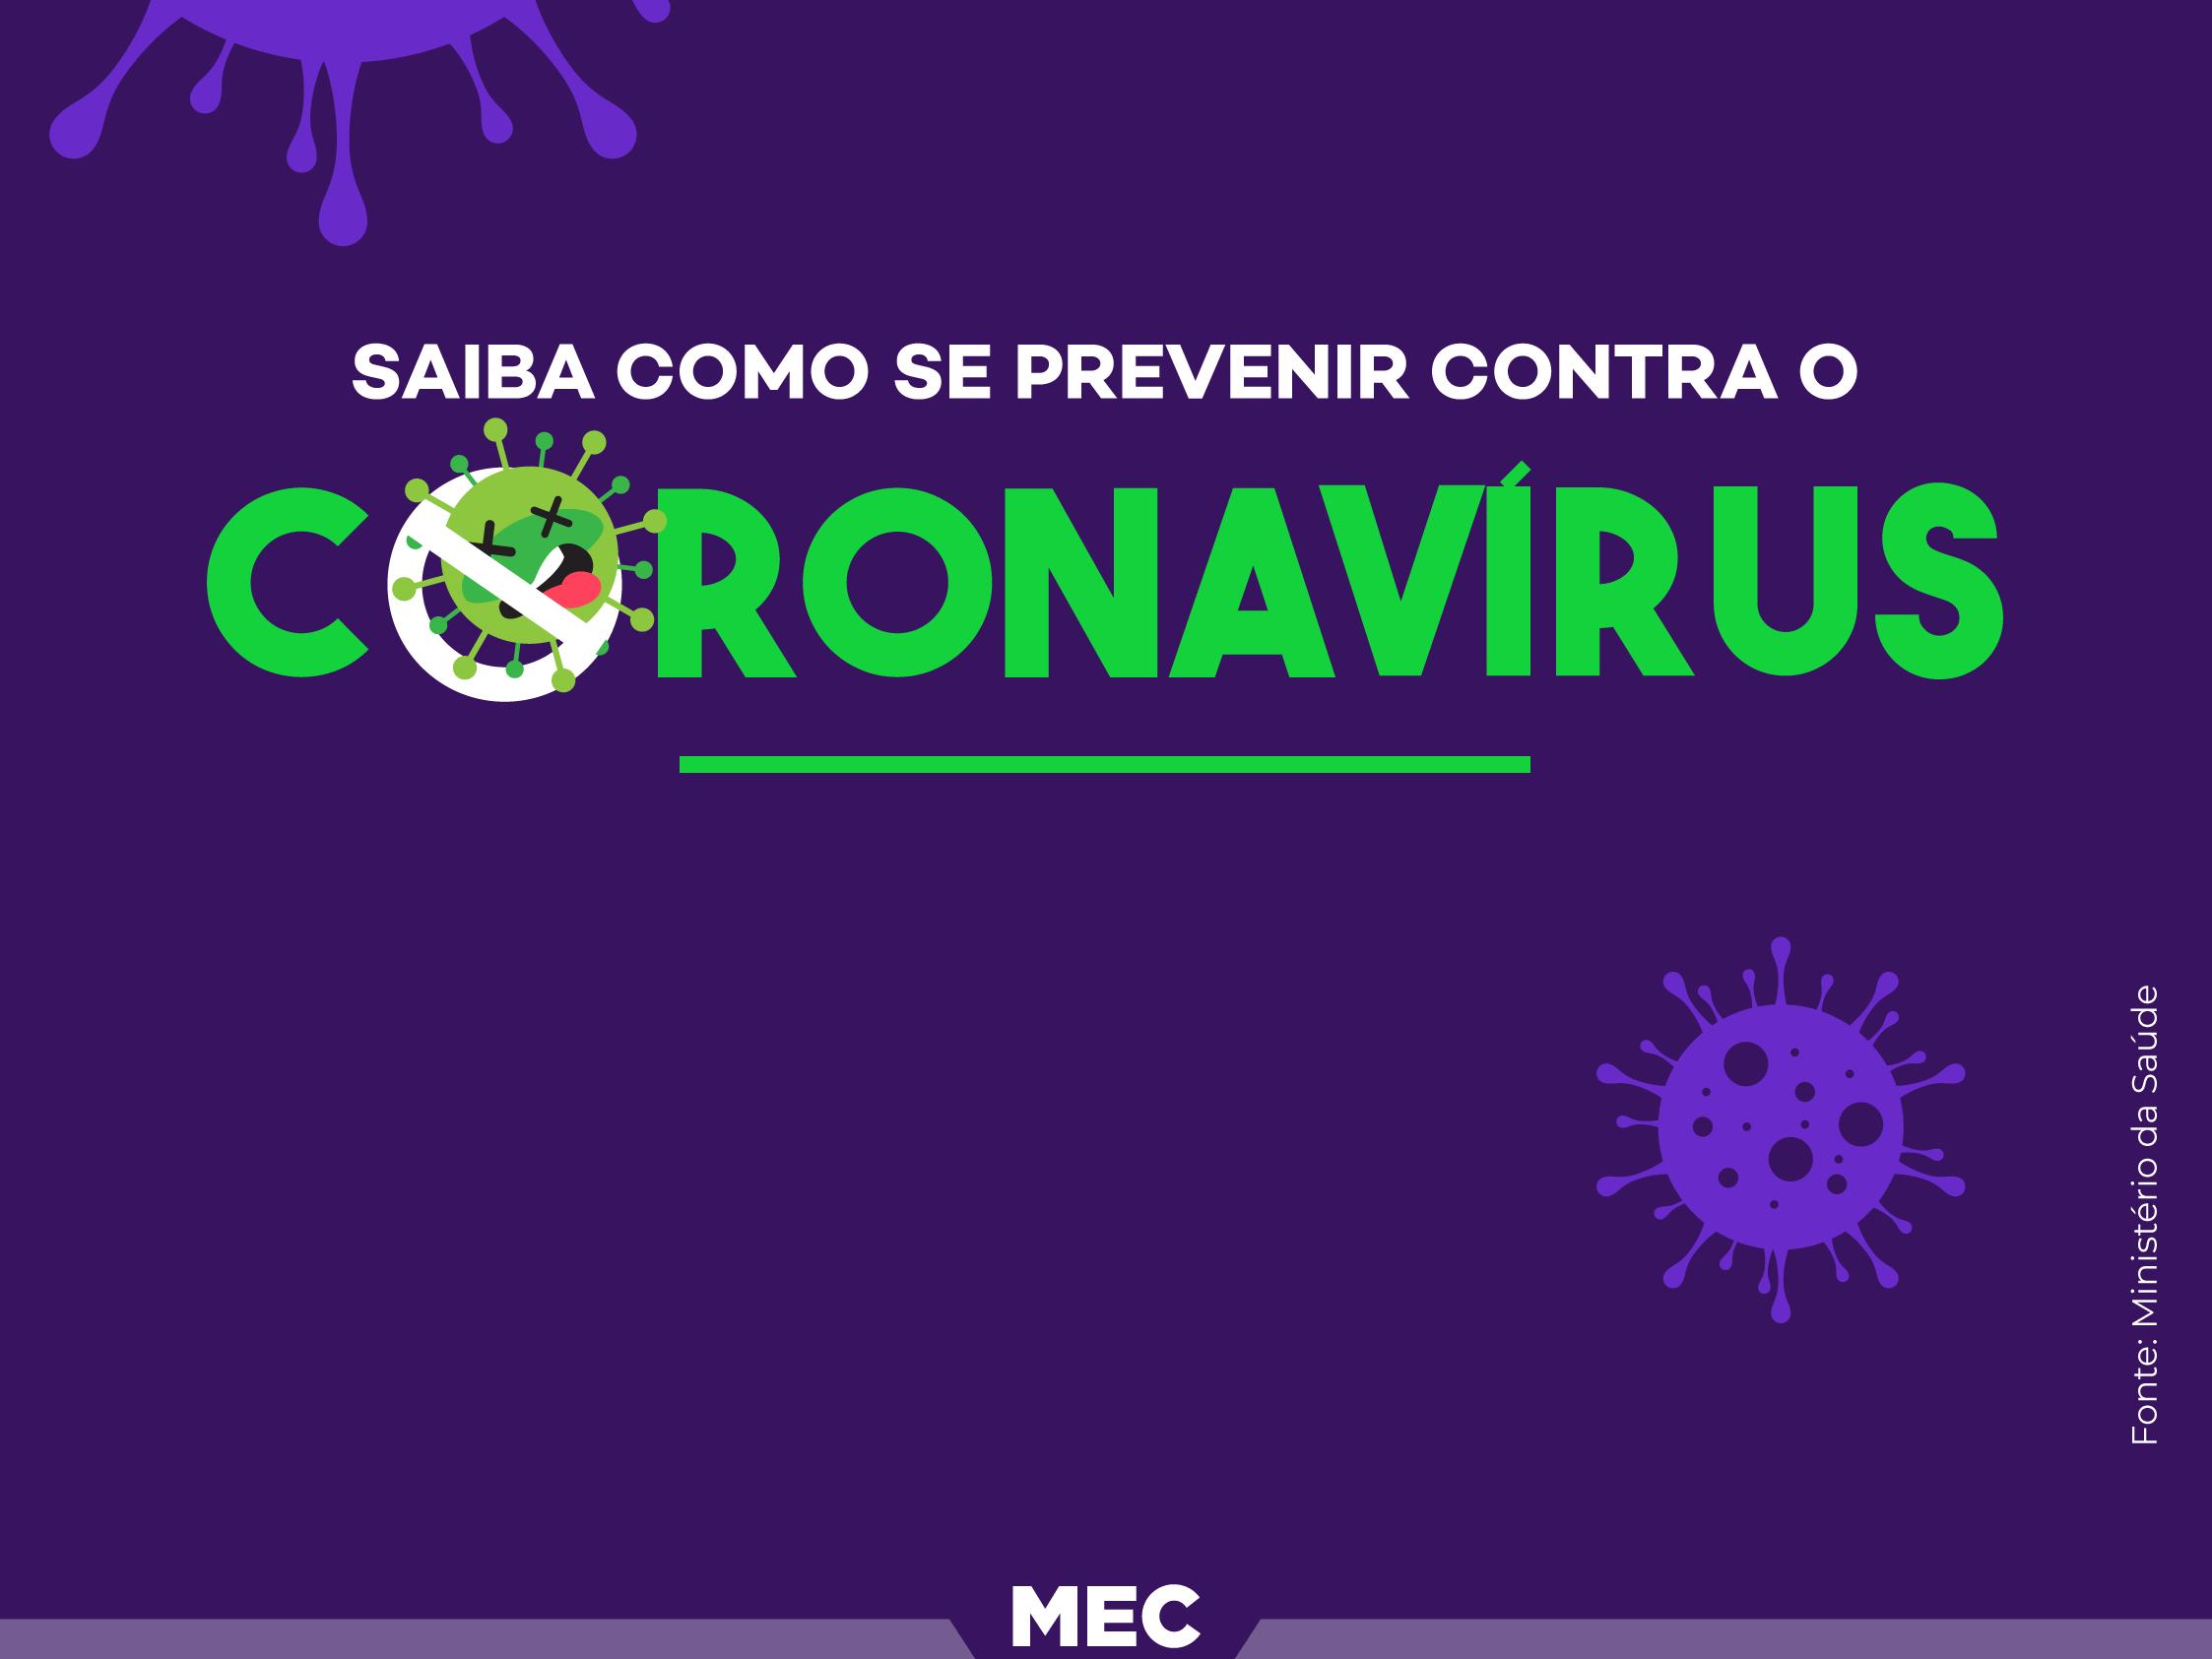 Informação textual Saiba como se prevenir contra o coronavírus e a marca do MEC